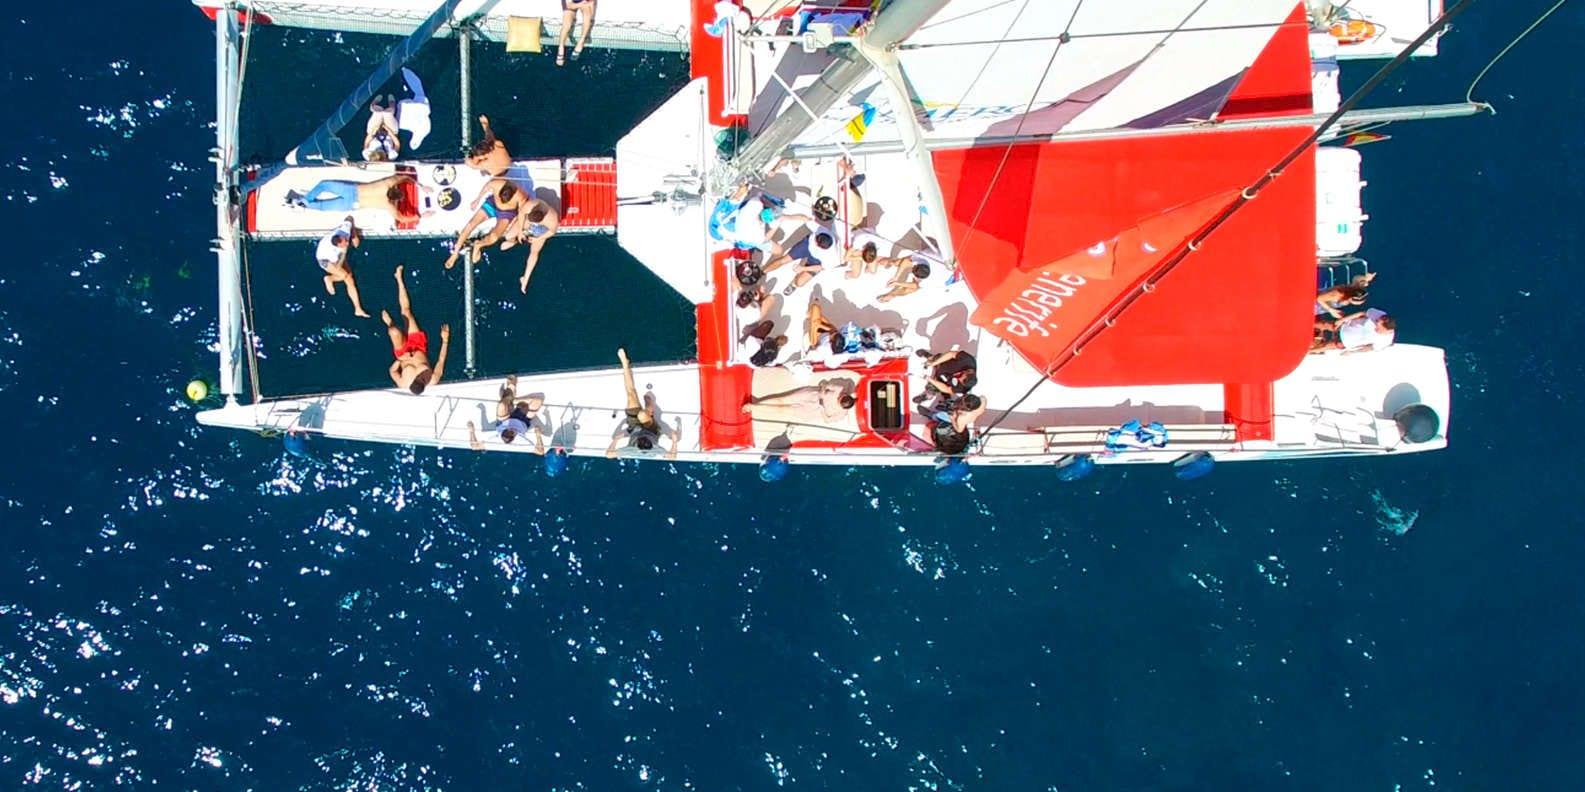 White Tenerife catamaran whale watching